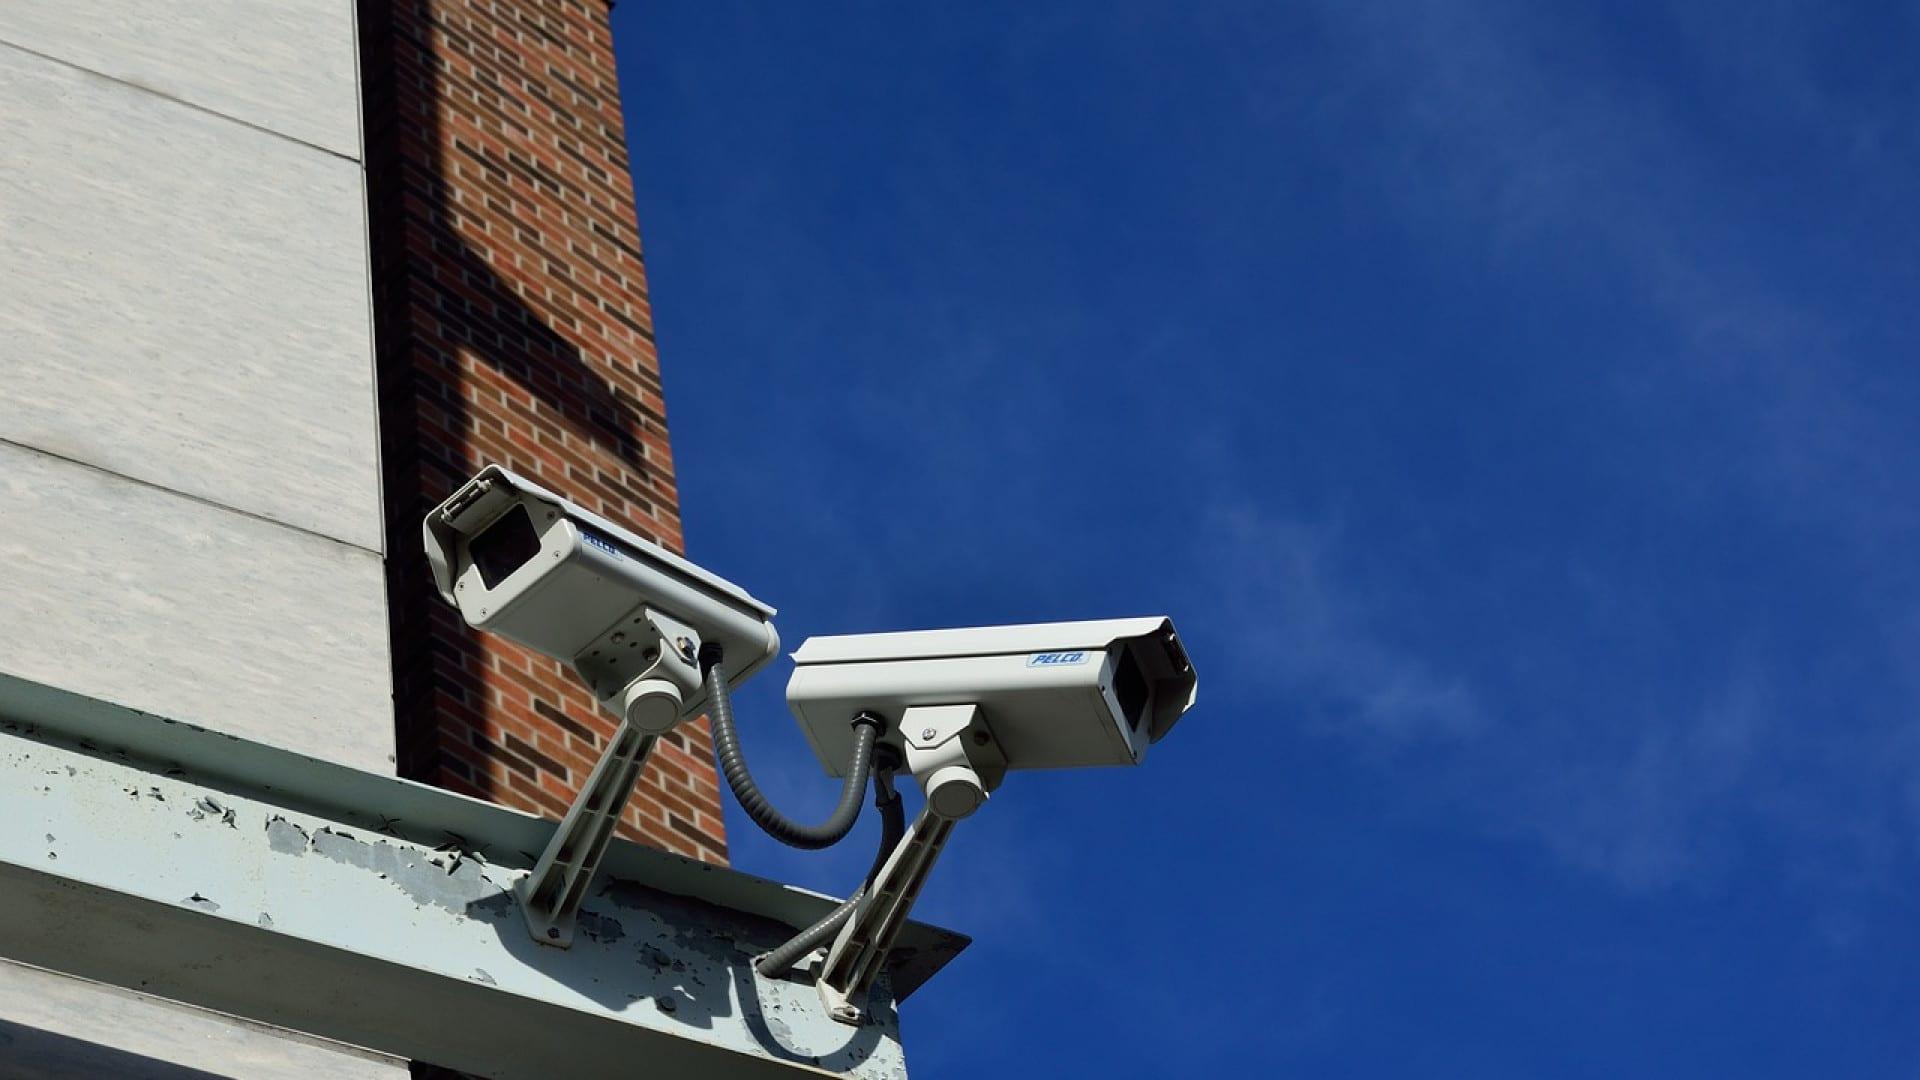 Sécurisez votre habitat avec de la vidéosurveillance… Et bien plus encore !